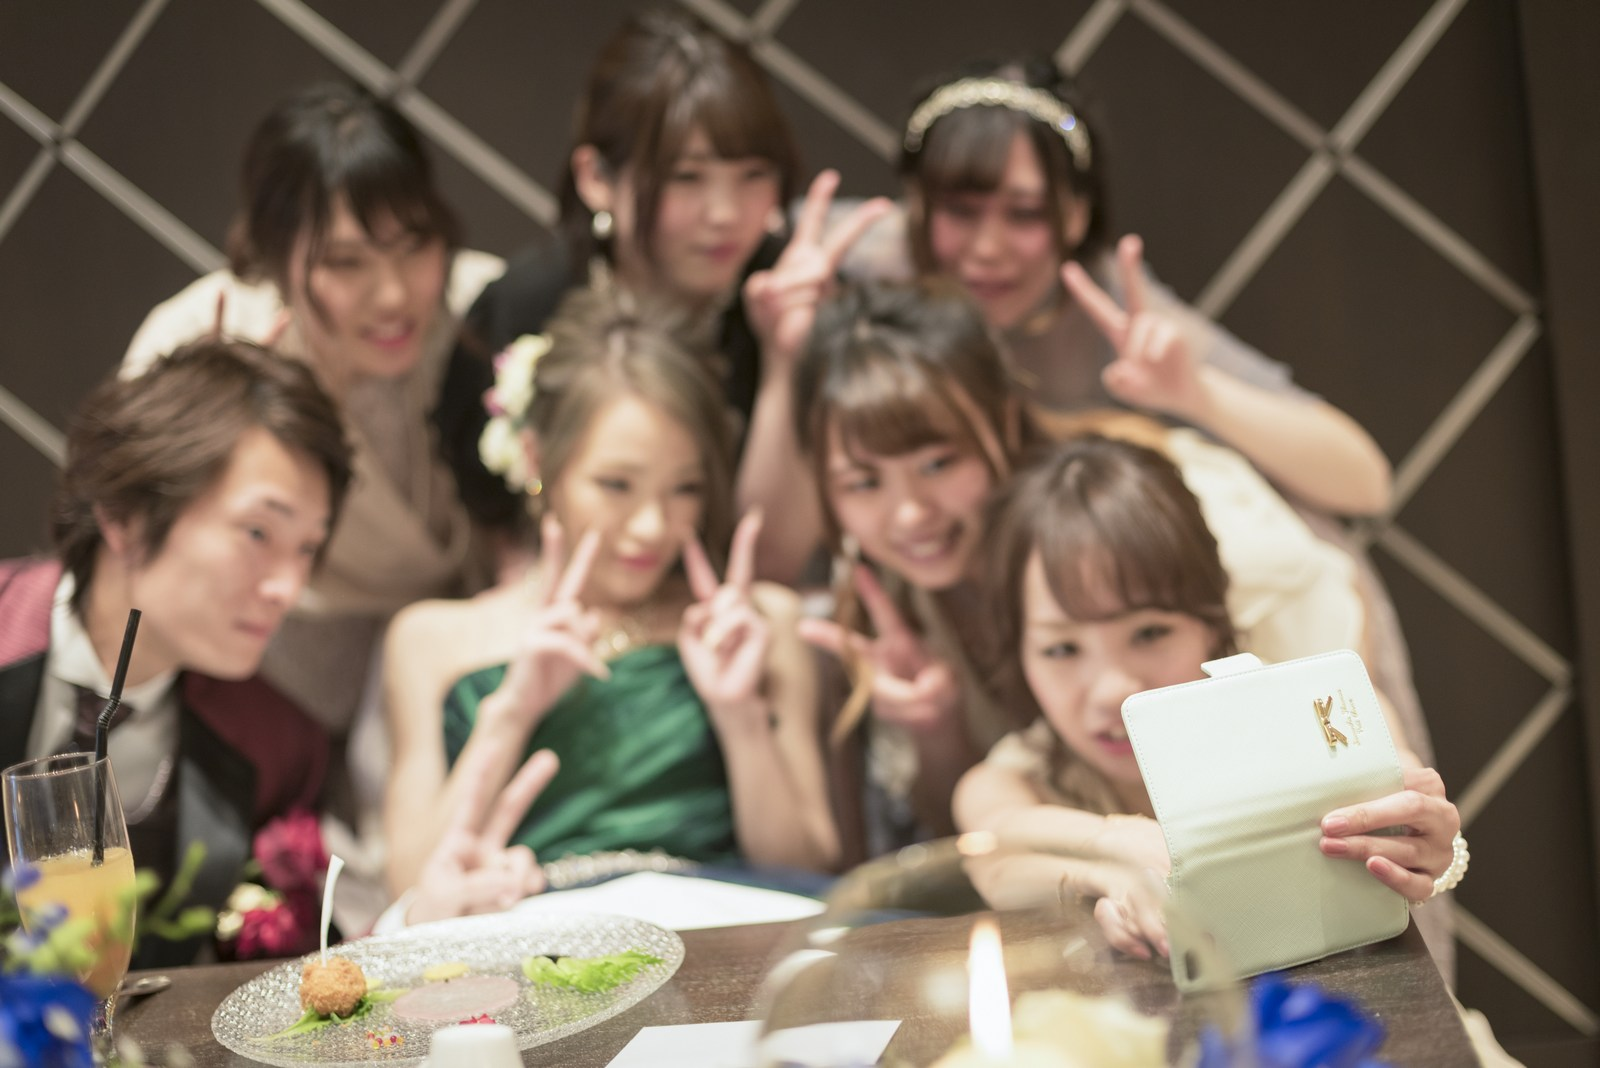 高松市の結婚式場アイルバレクラブのメインテーブルで新婦ゲストと自撮りをするお二人